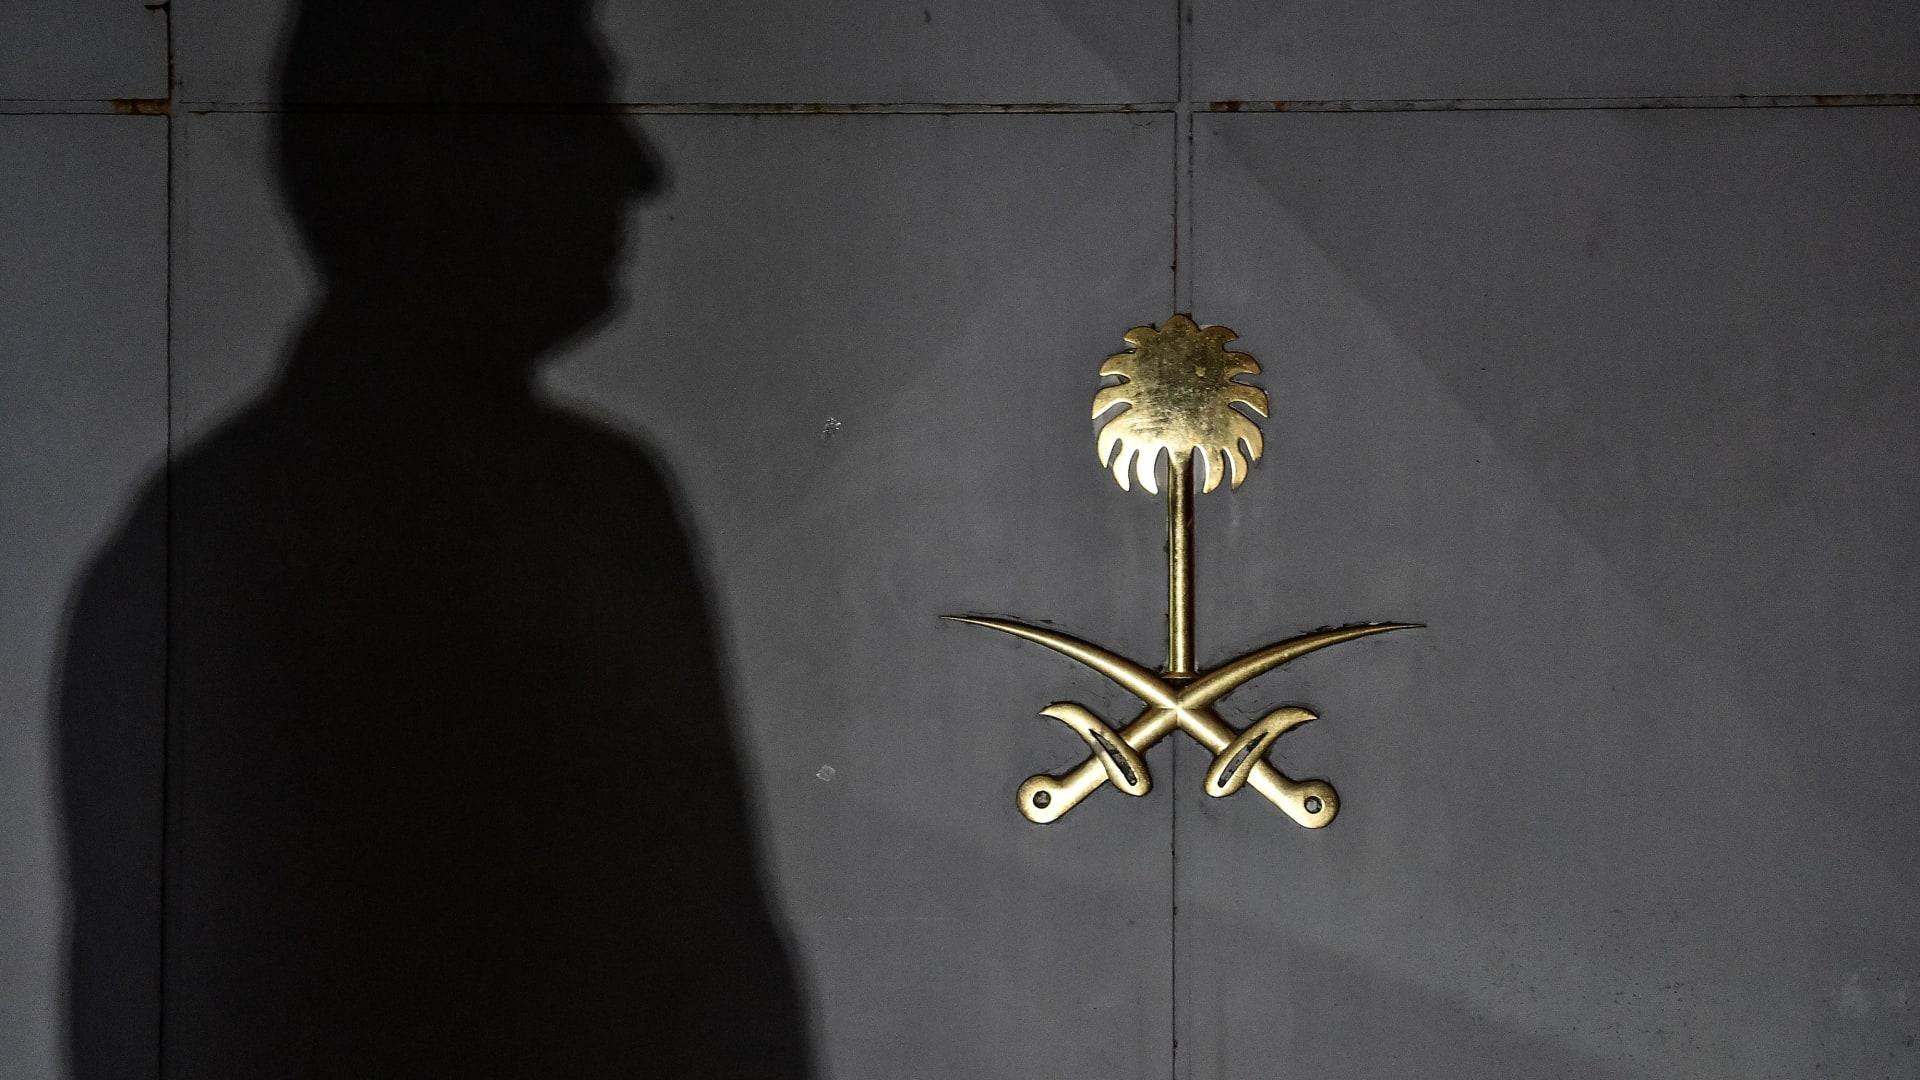 مذيعة CNN تعرض مقابلة سابقة لبايدن عن السعودية وخاشقجي: ما الذي تغير؟